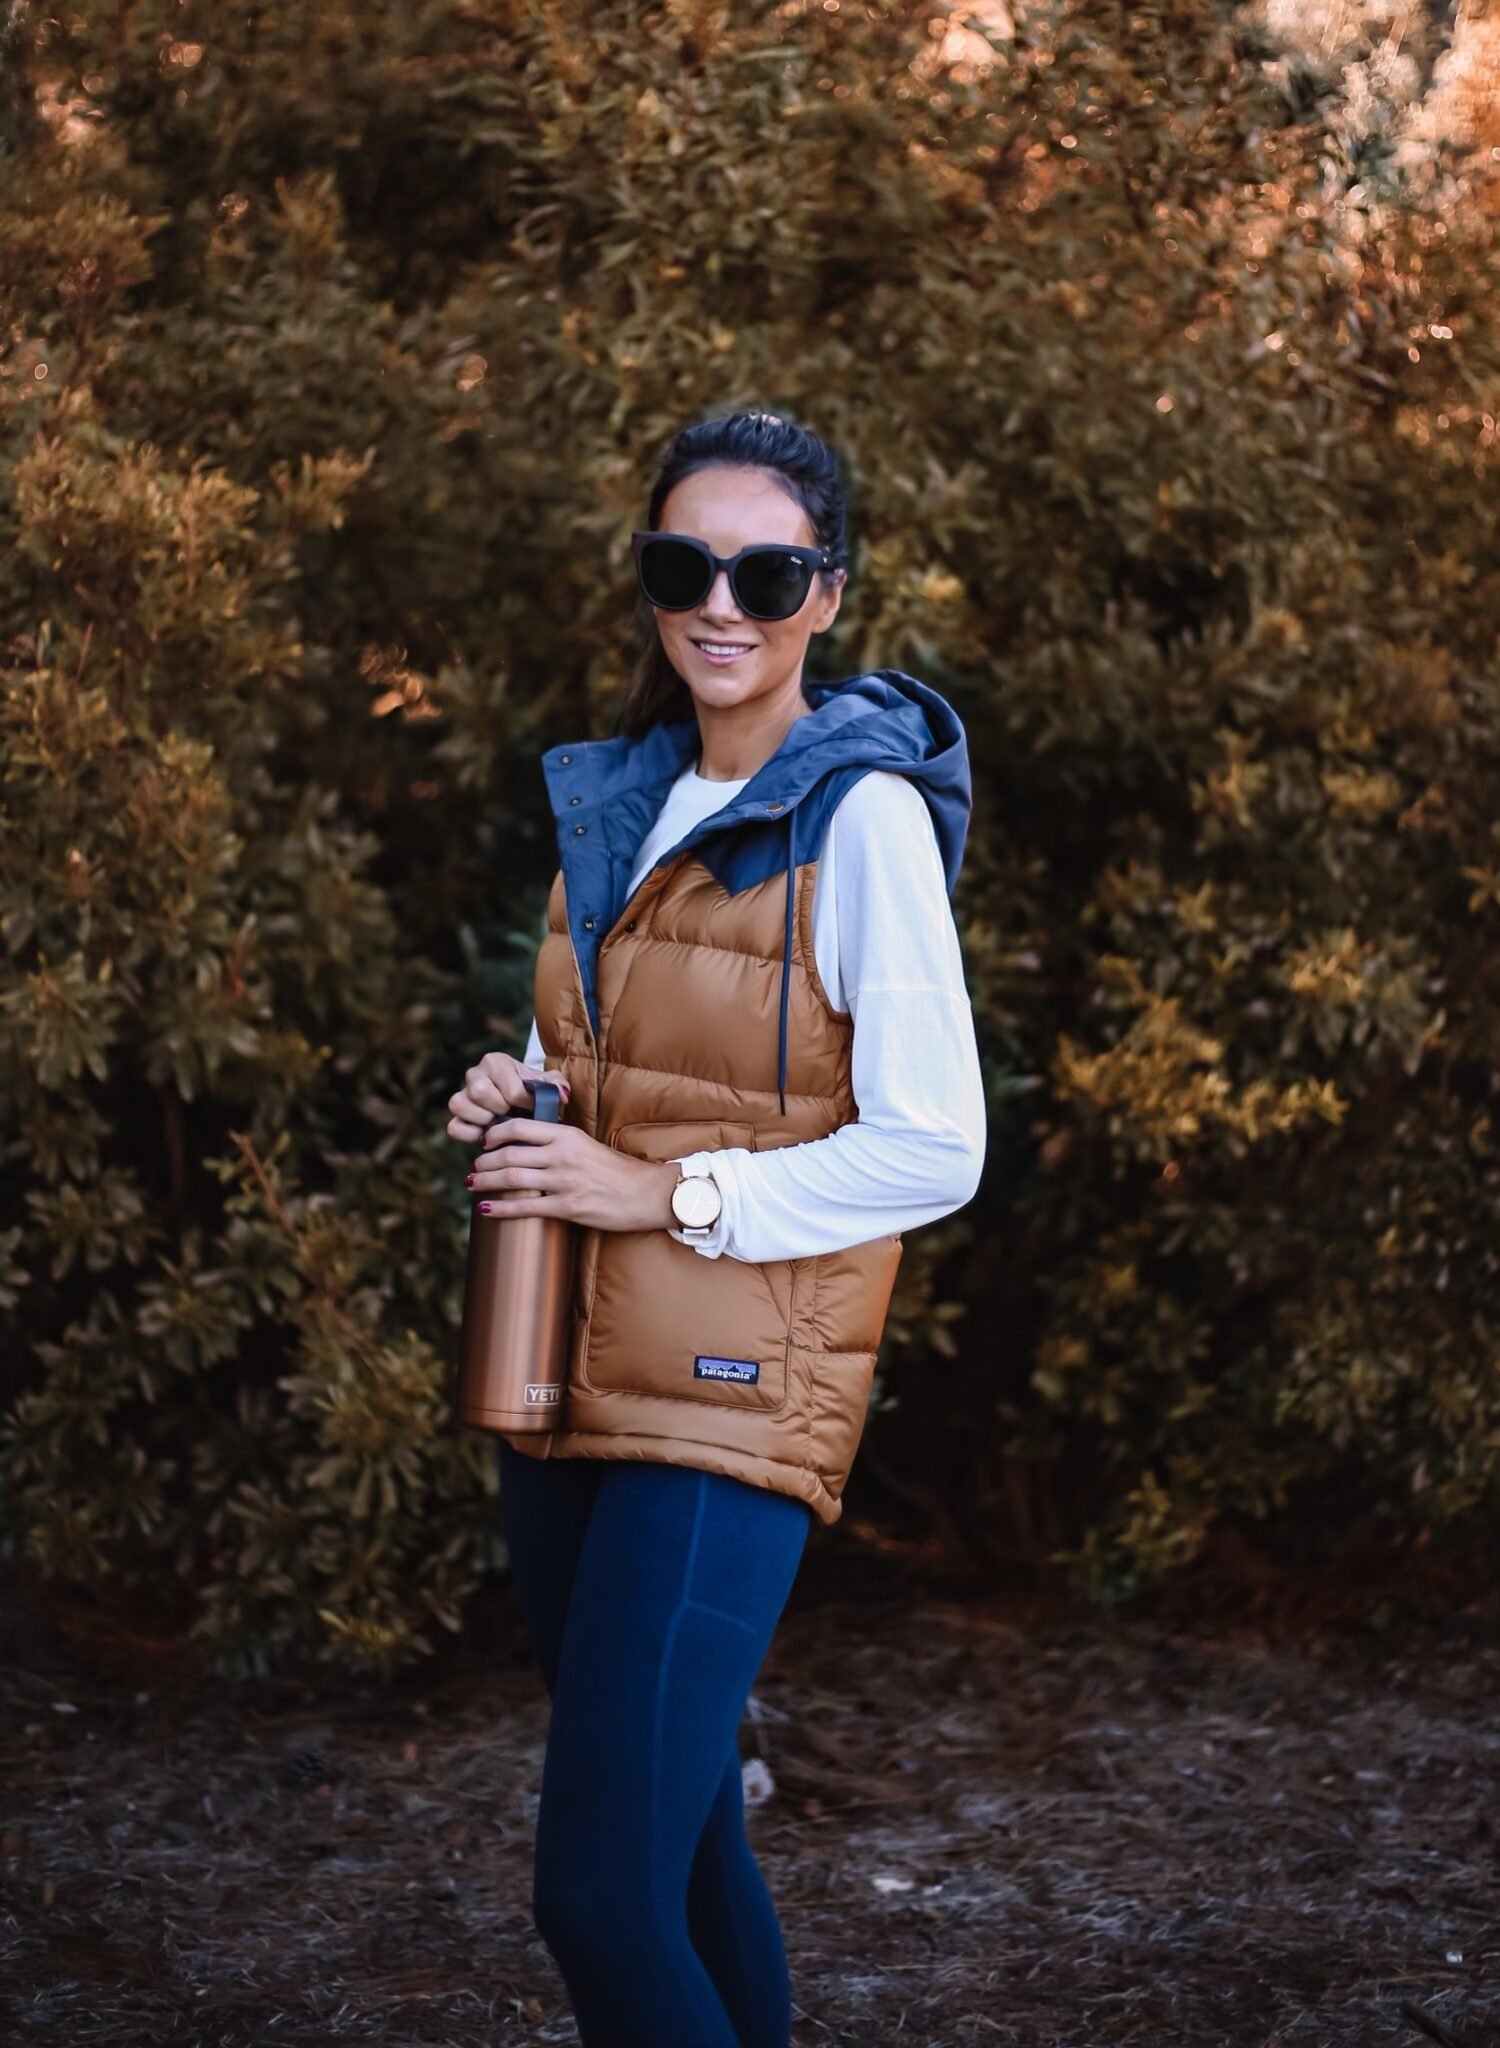 patagonia vest, leggings, yeti rambler, backcountry